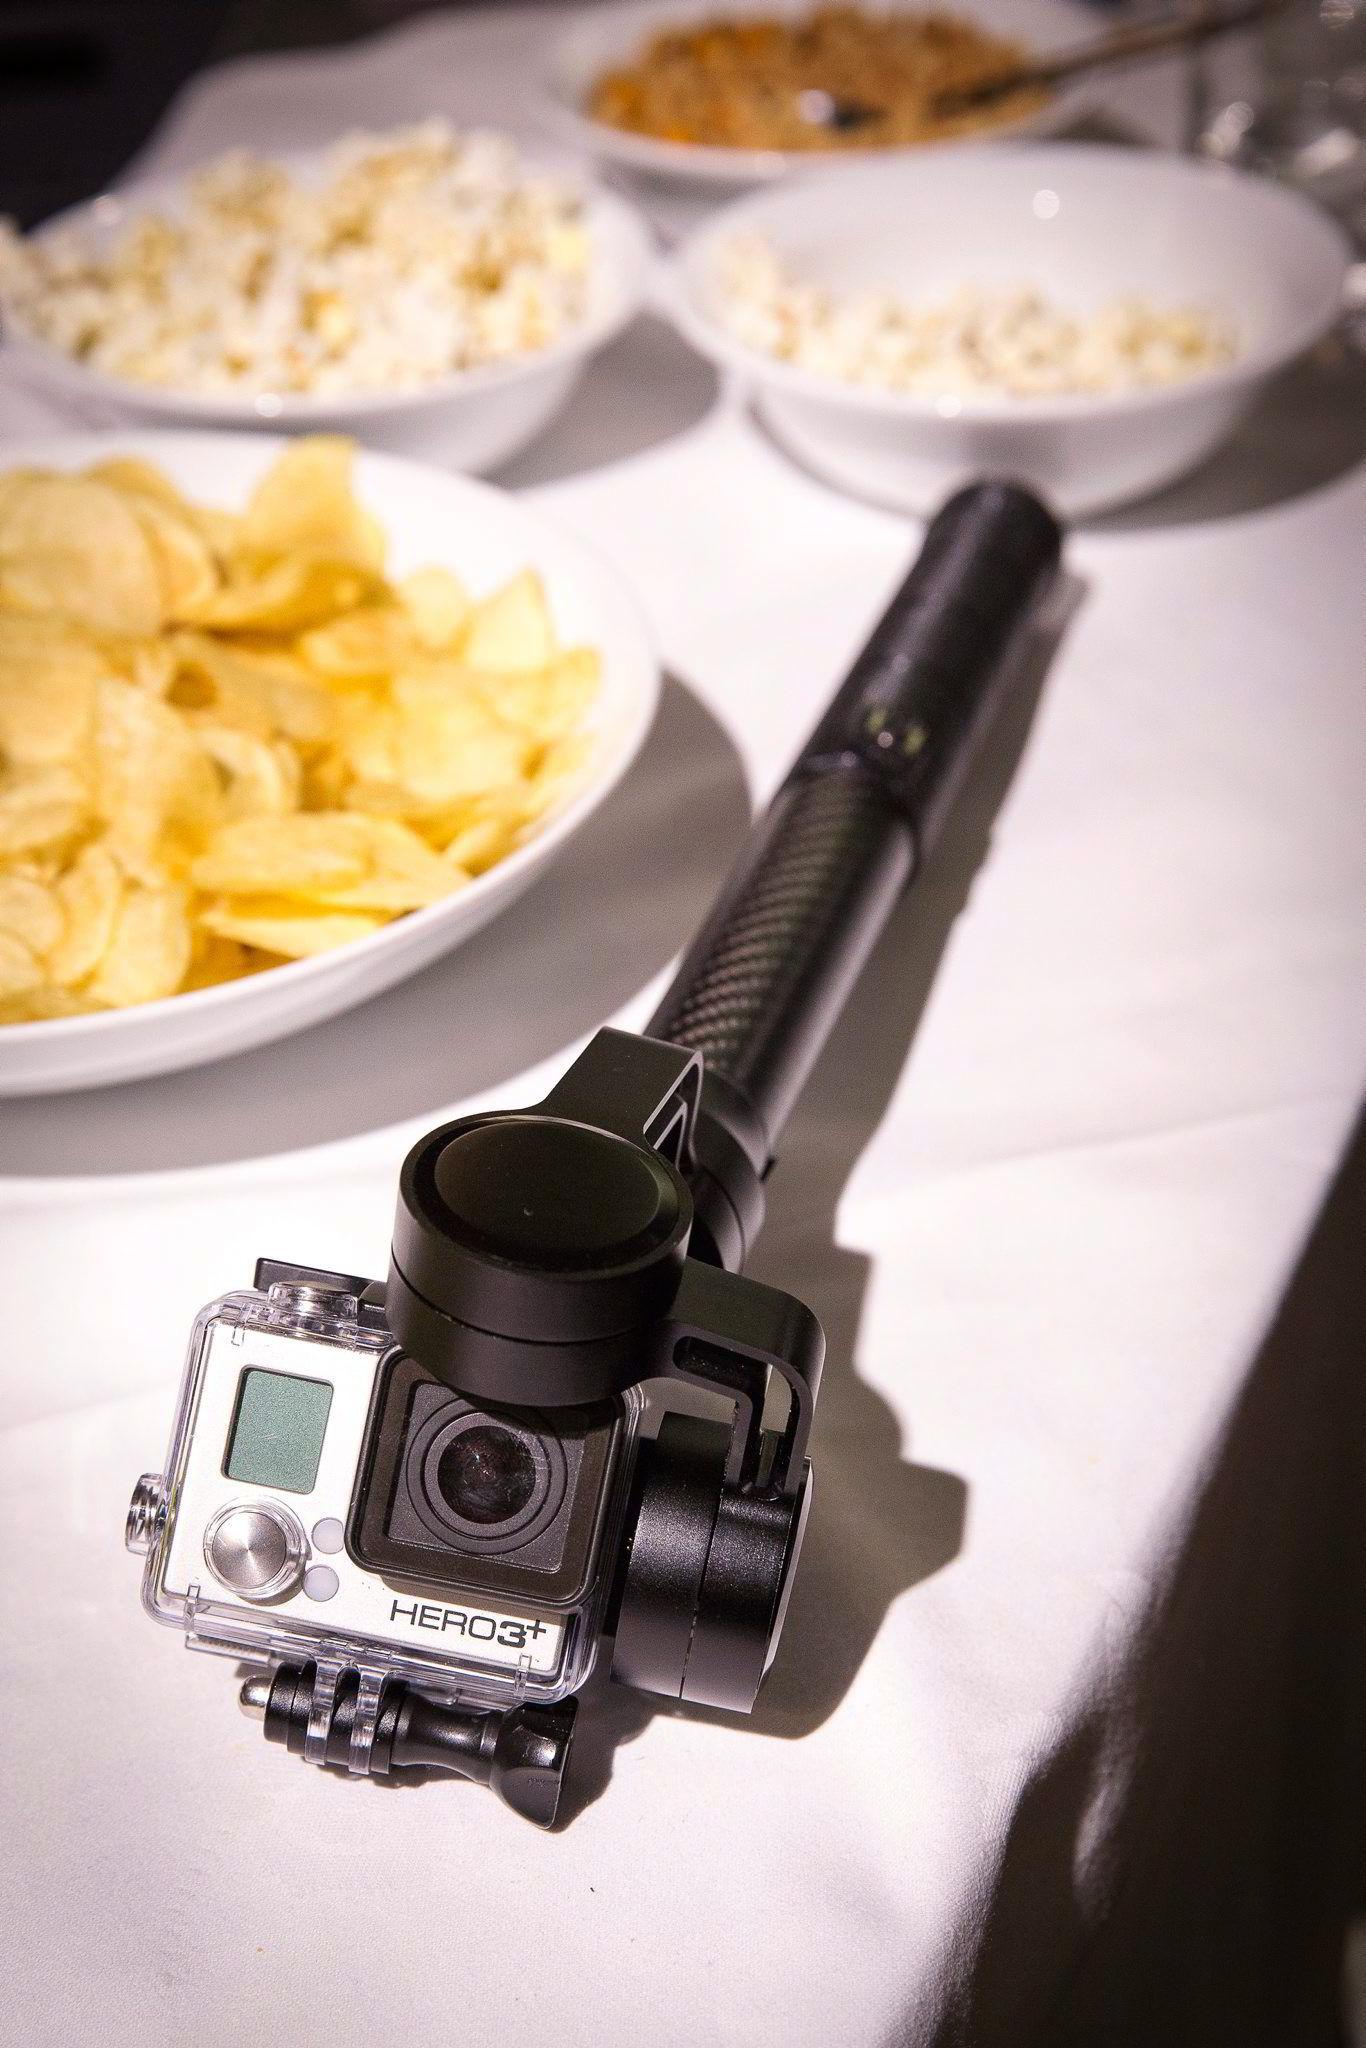 FlowMotion lager en stabilisator for kameraer som GoPro. Her liggende blant potetgull og popcorn på bakrommet før presentasjonen.